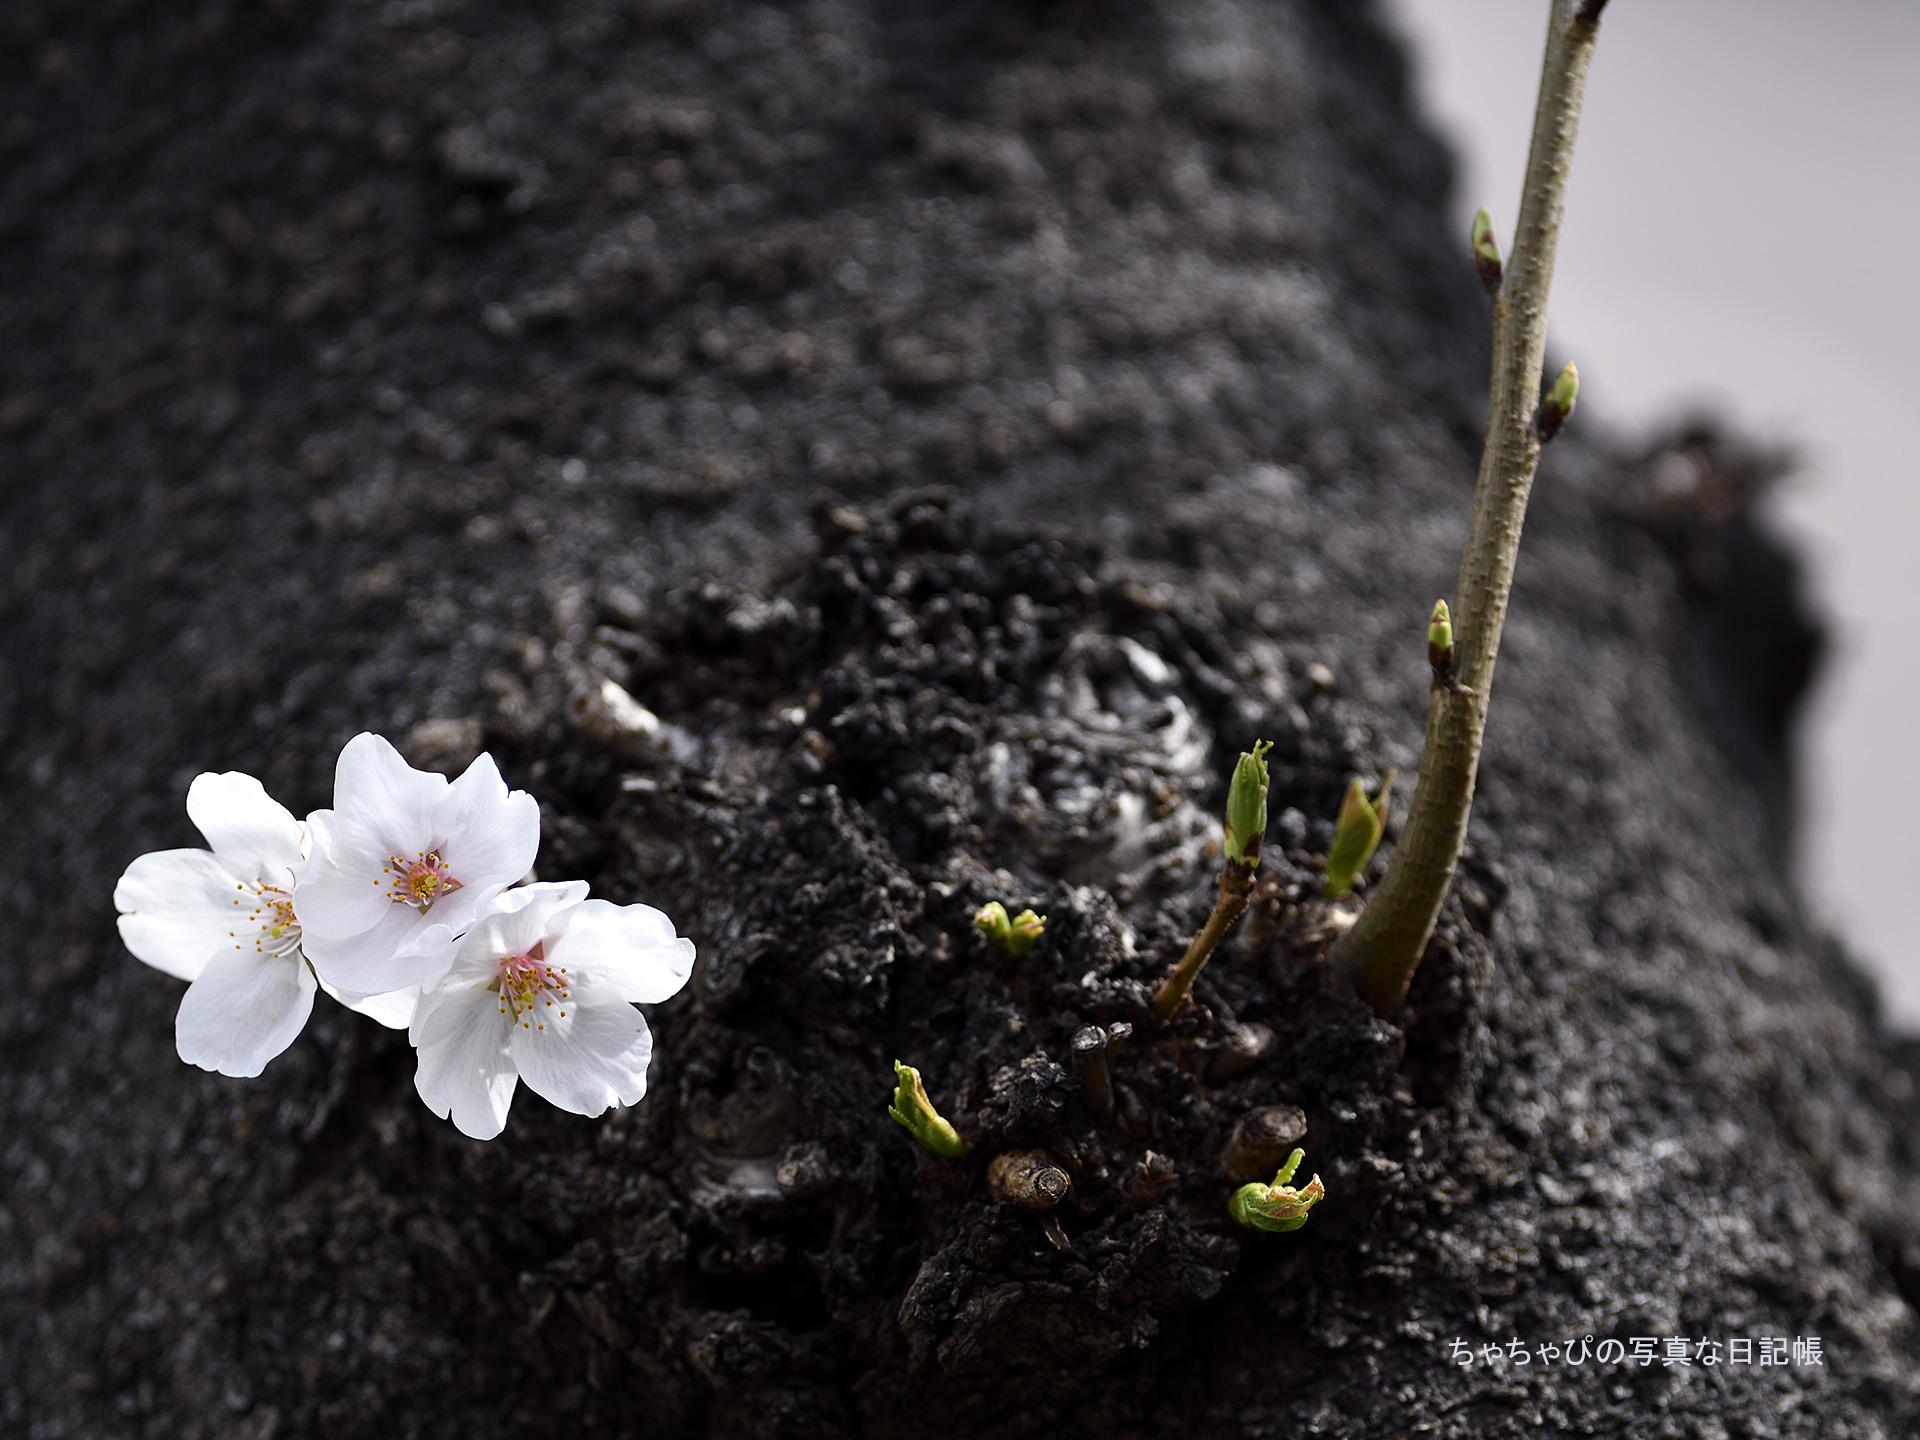 2018.03.18 呑川本流緑道 さくら